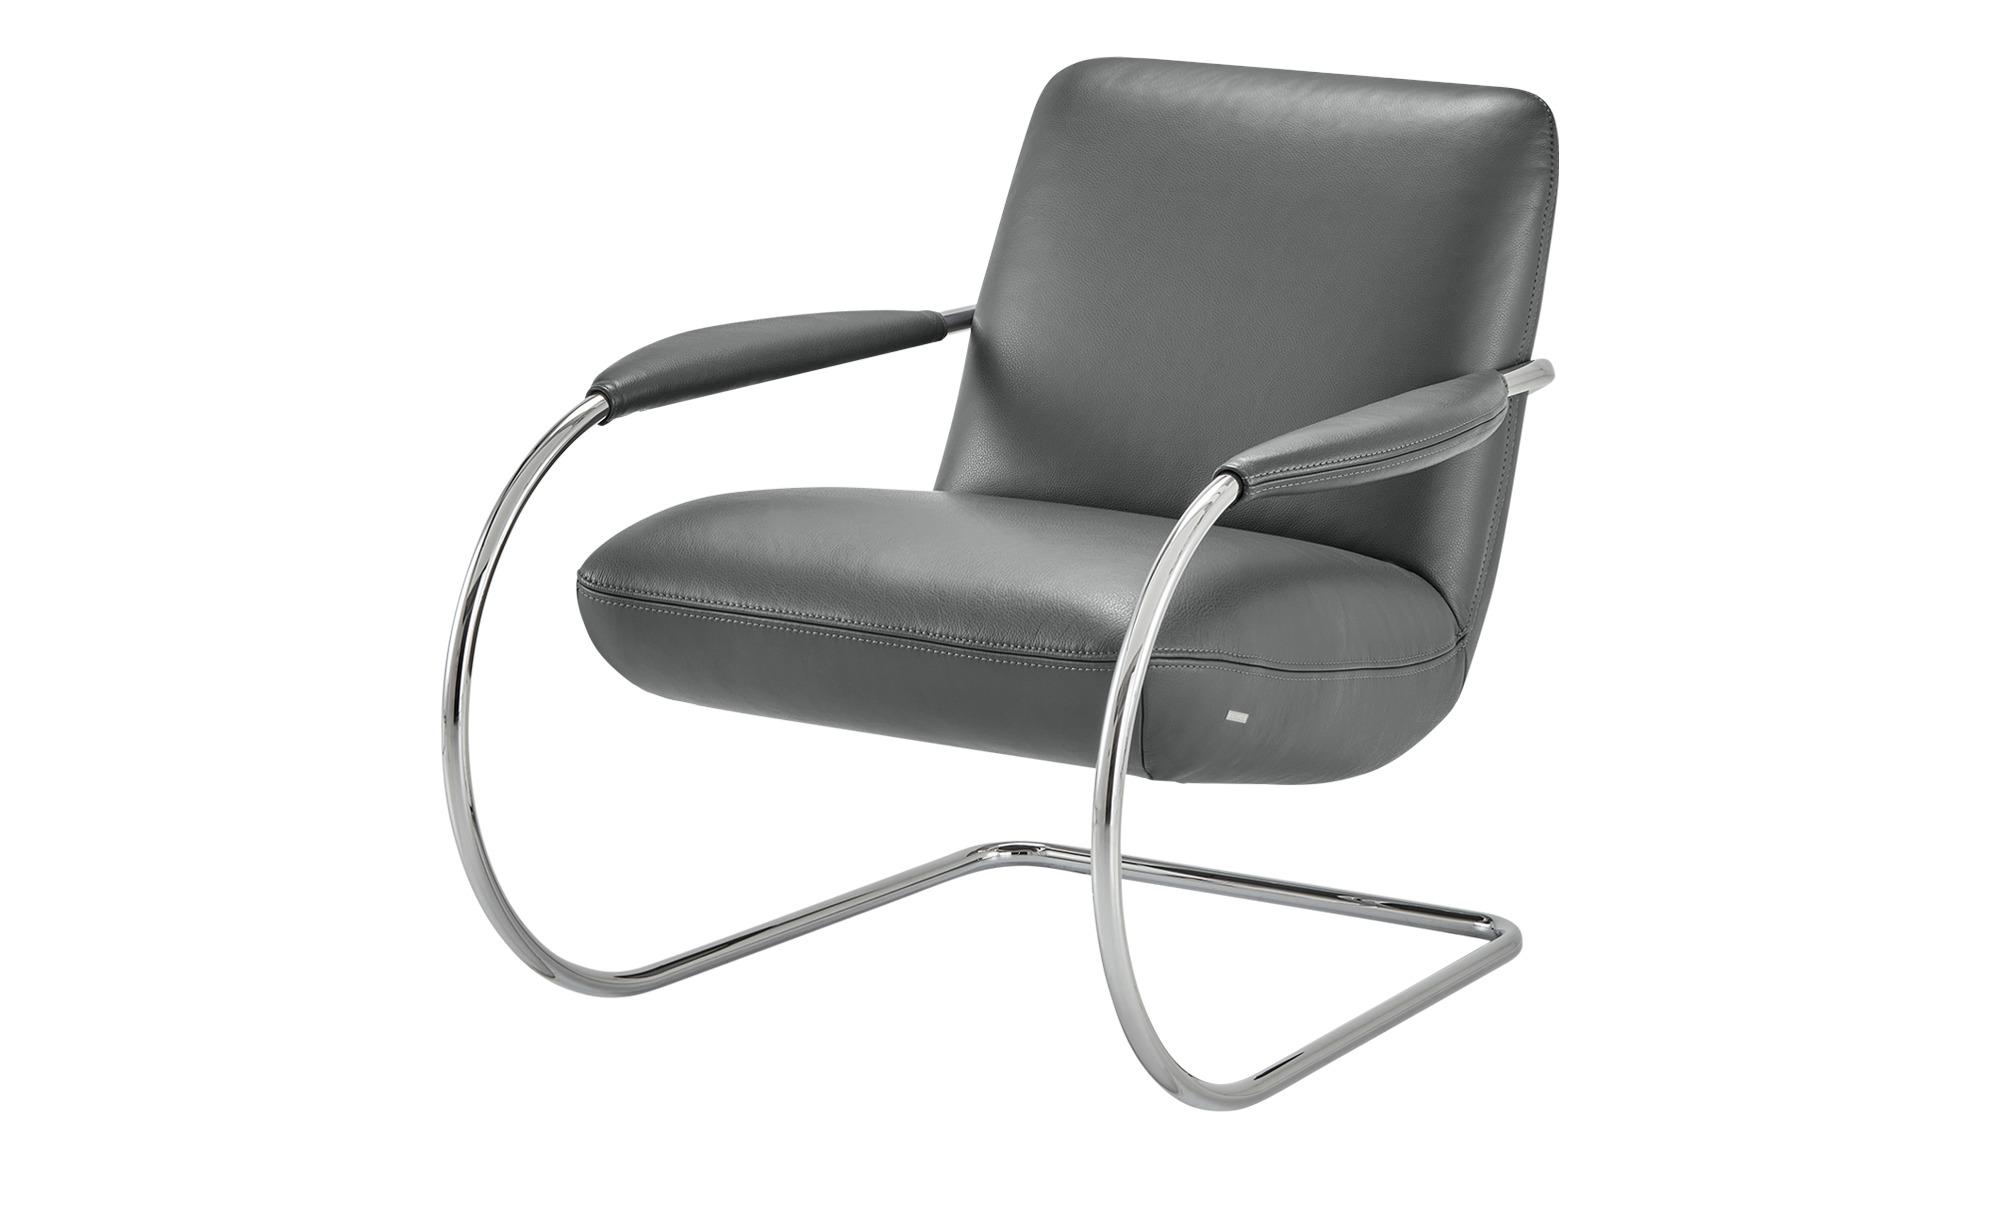 KOINOR Freischwingersessel  Jingle ¦ grau ¦ Maße (cm): B: 80 H: 83 T: 95 Polstermöbel > Sessel > Ledersessel - Höffner